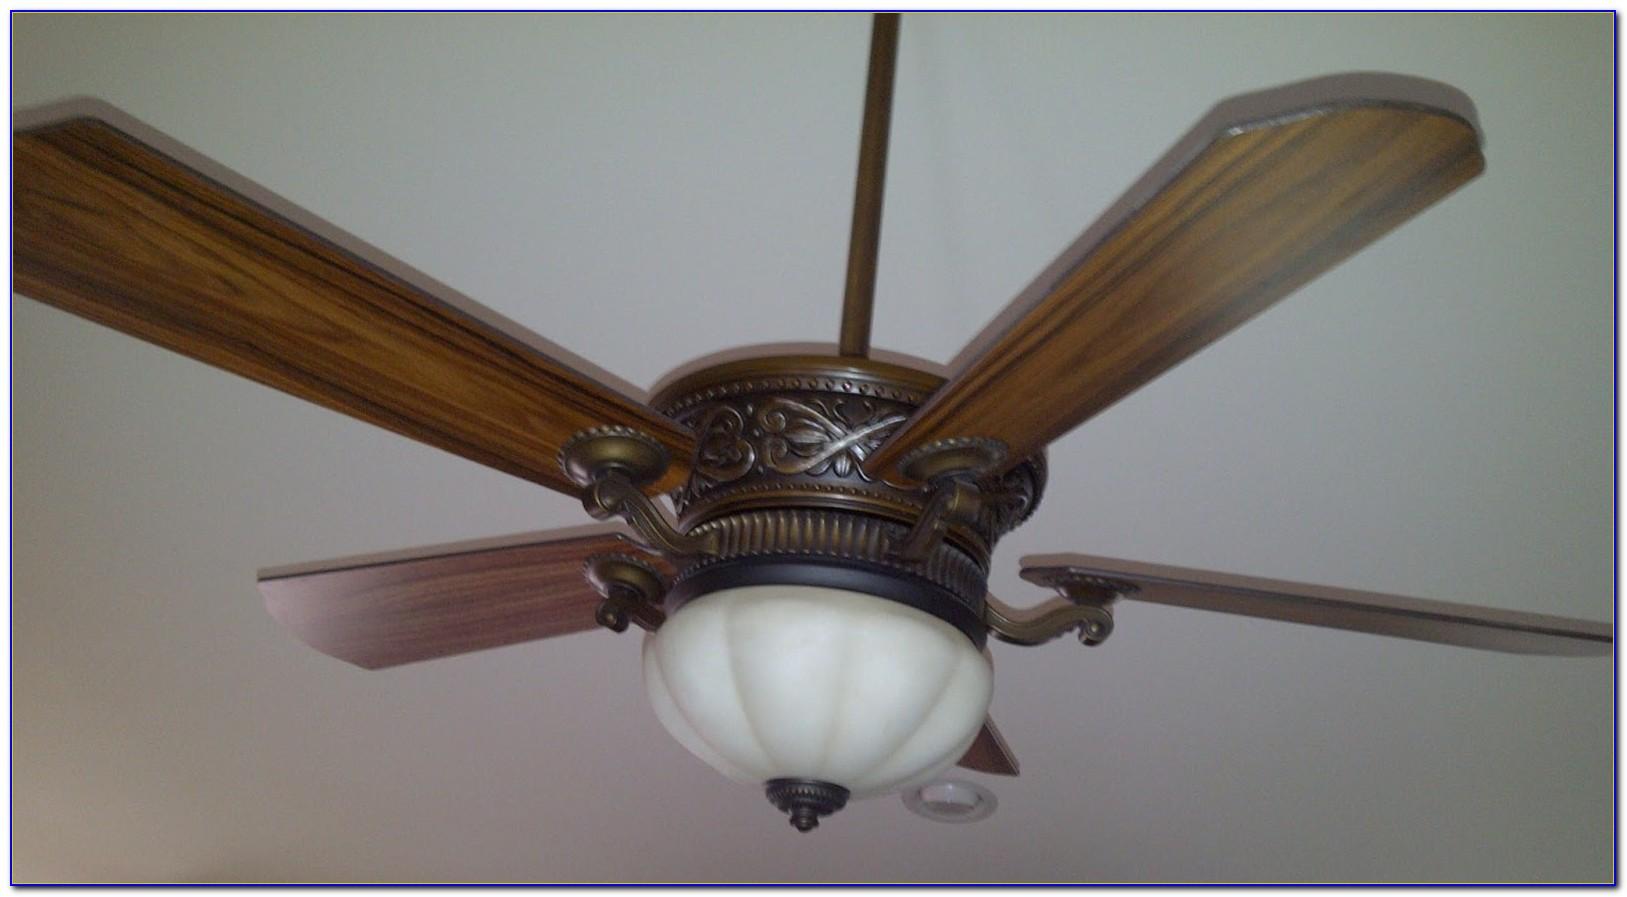 Harbor Breeze Ceiling Fan Light Pull Switch